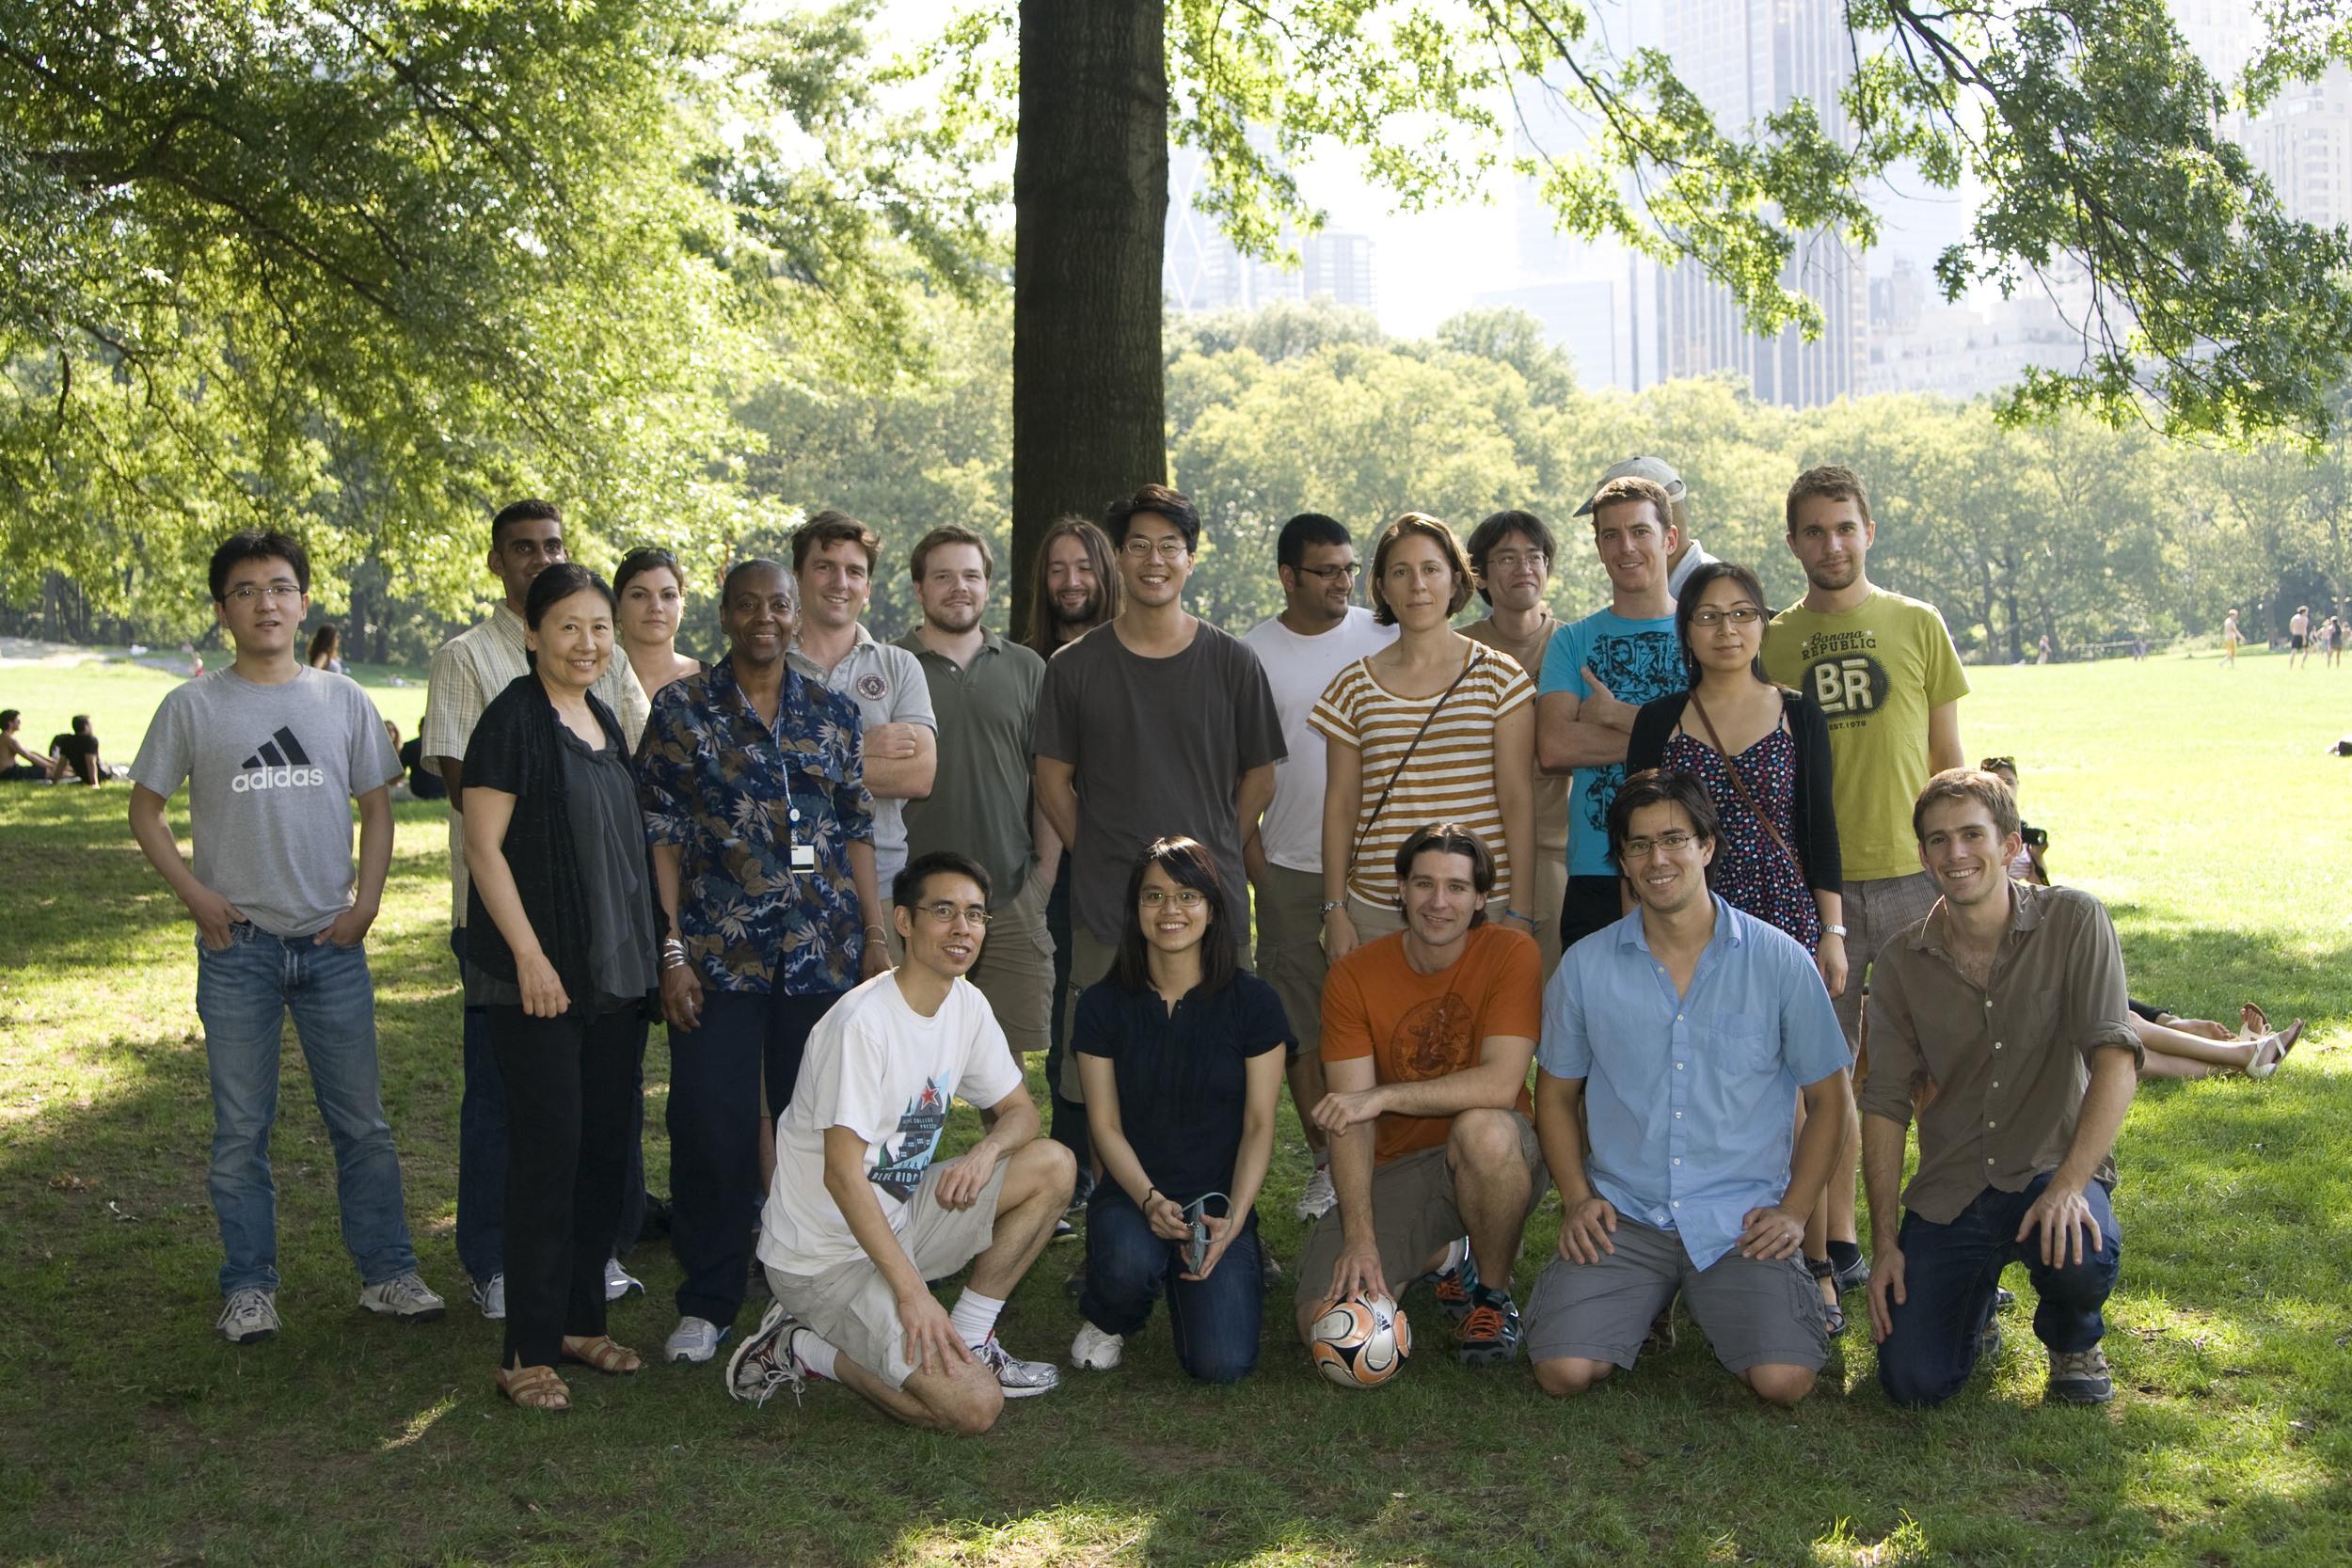 Lai lab Picnic, 2011. Central Park